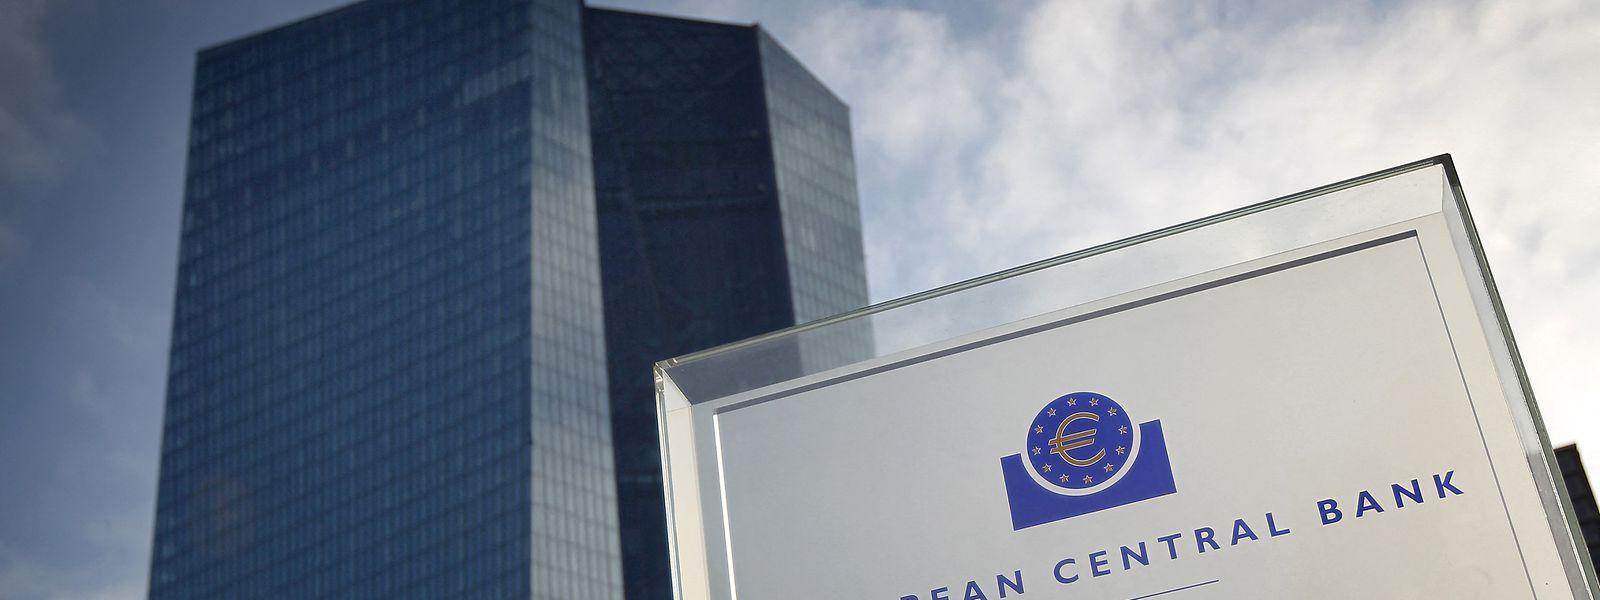 Die Europäische Zentralbank (EZB) hält trotz der aktuelle hohen Inflation den Leitzins im Euroraum auf dem Rekordtief von null Prozent.